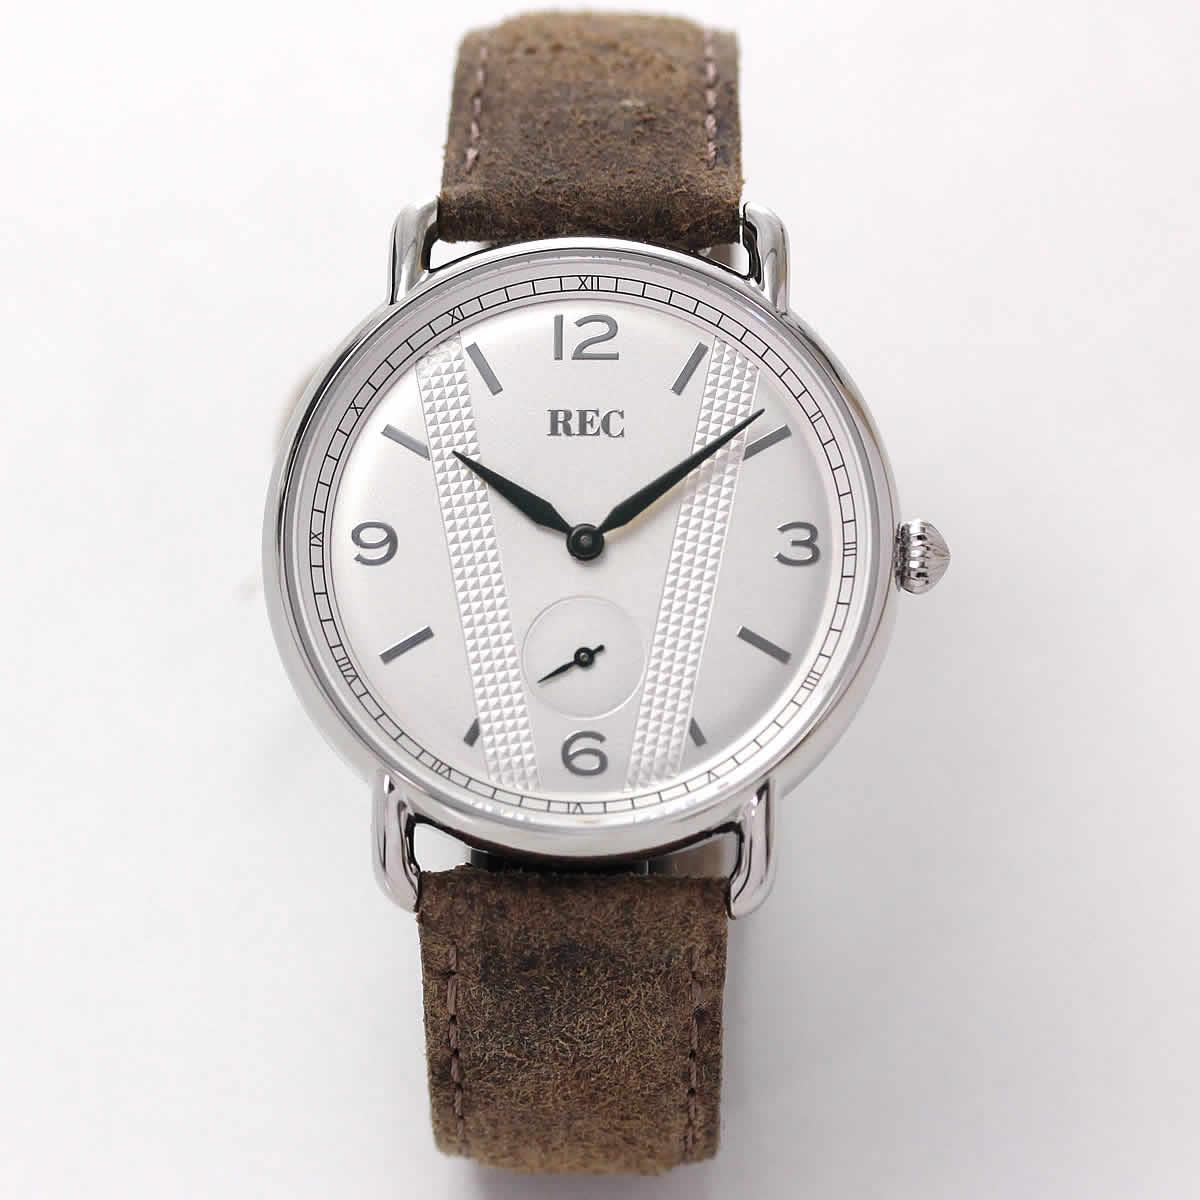 REC レック 腕時計は同じ製品は存在しません。